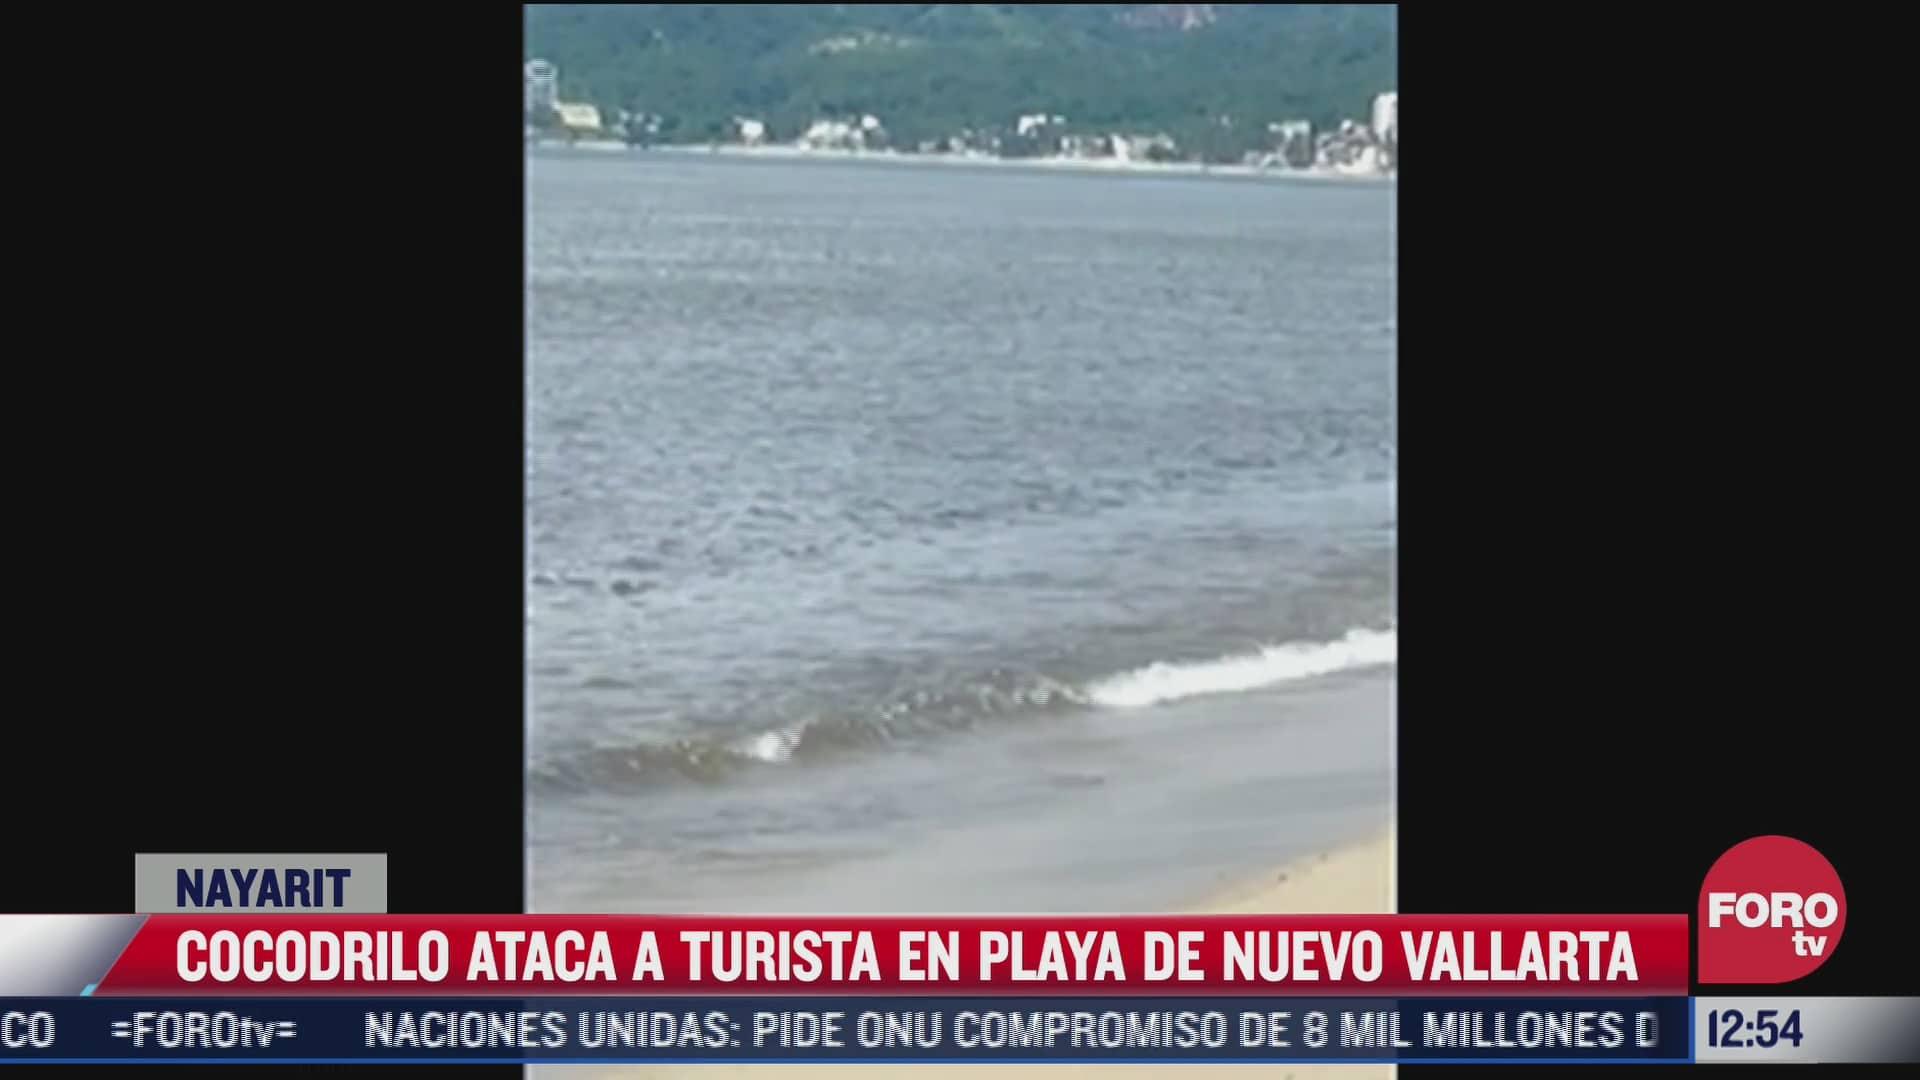 turista es atacado por cocodrilo en una playa de nuevo vallarta nayarit